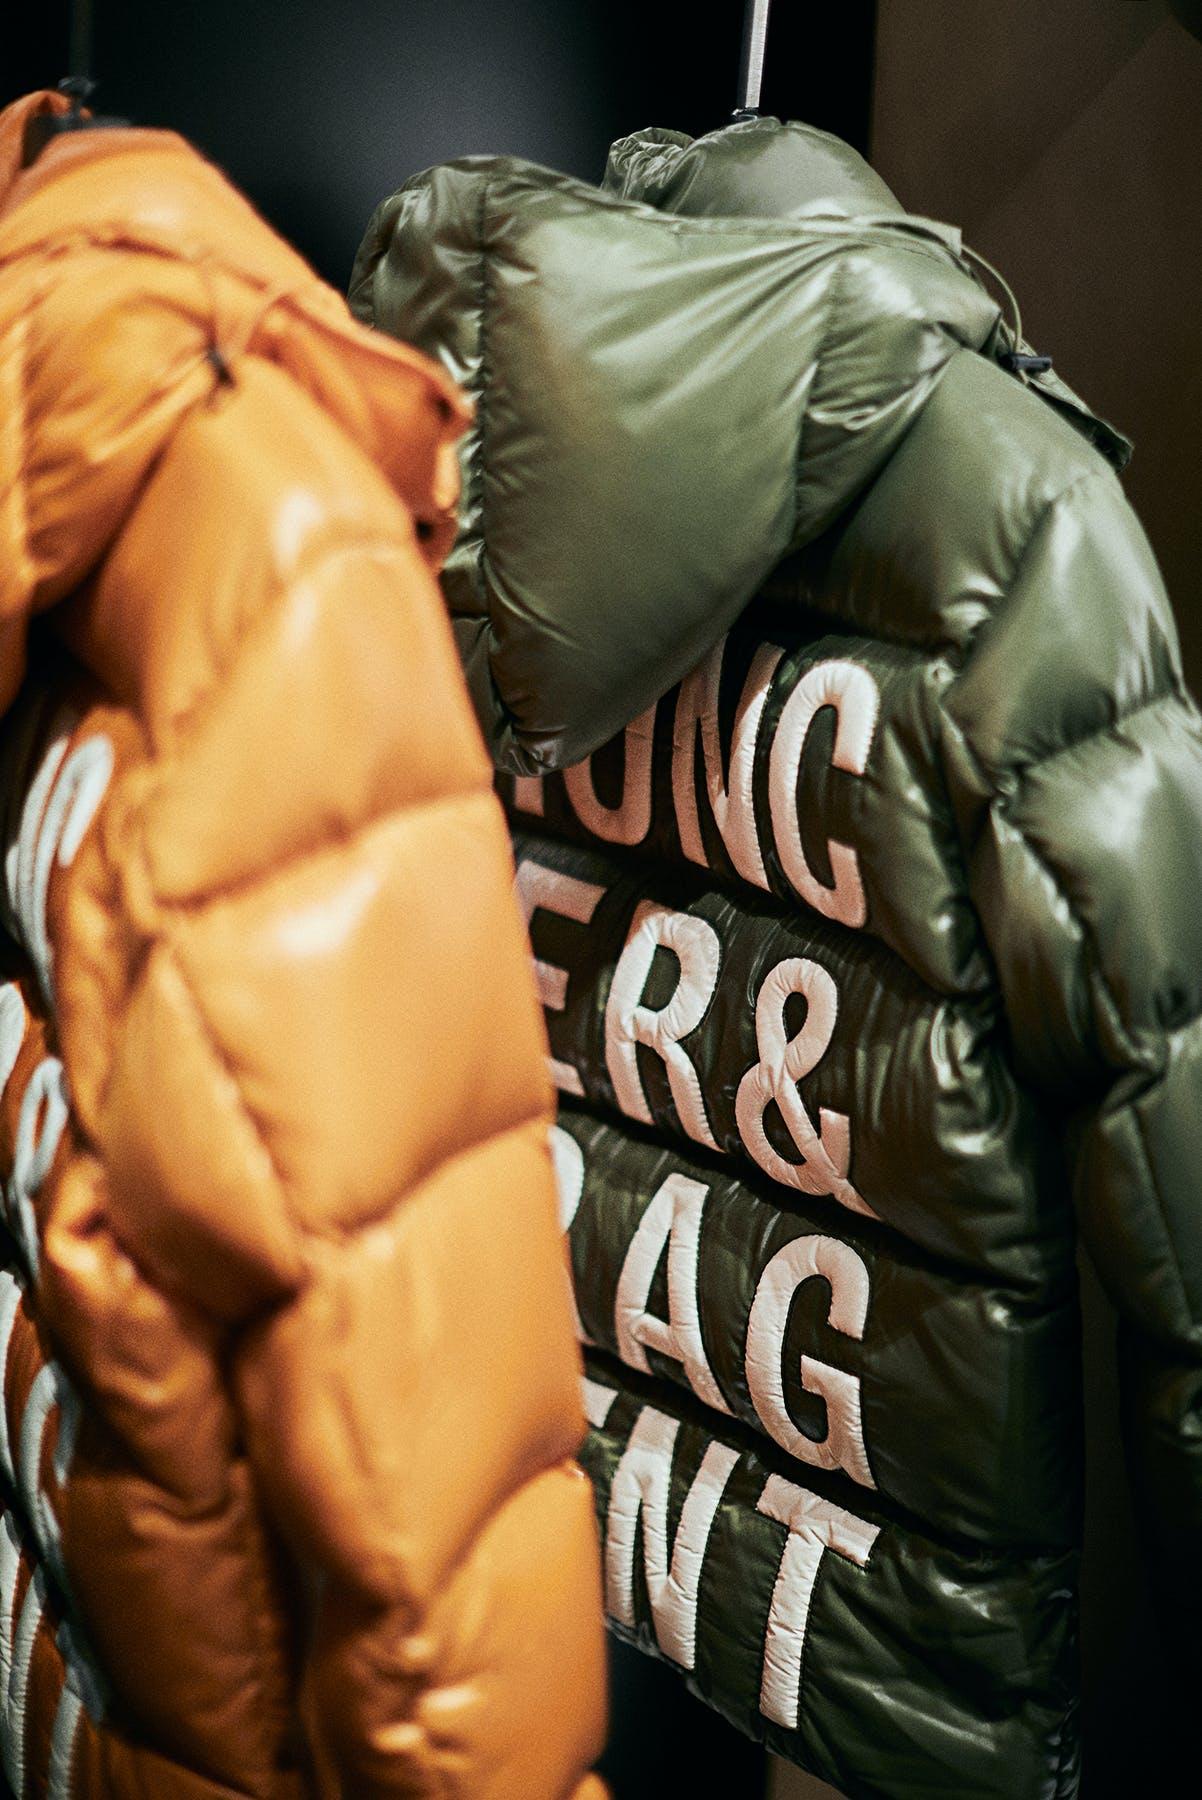 Moncler Genius 7 Fragment Hiroshi Fujiwara jackets shot in Moncler store on Bond Street